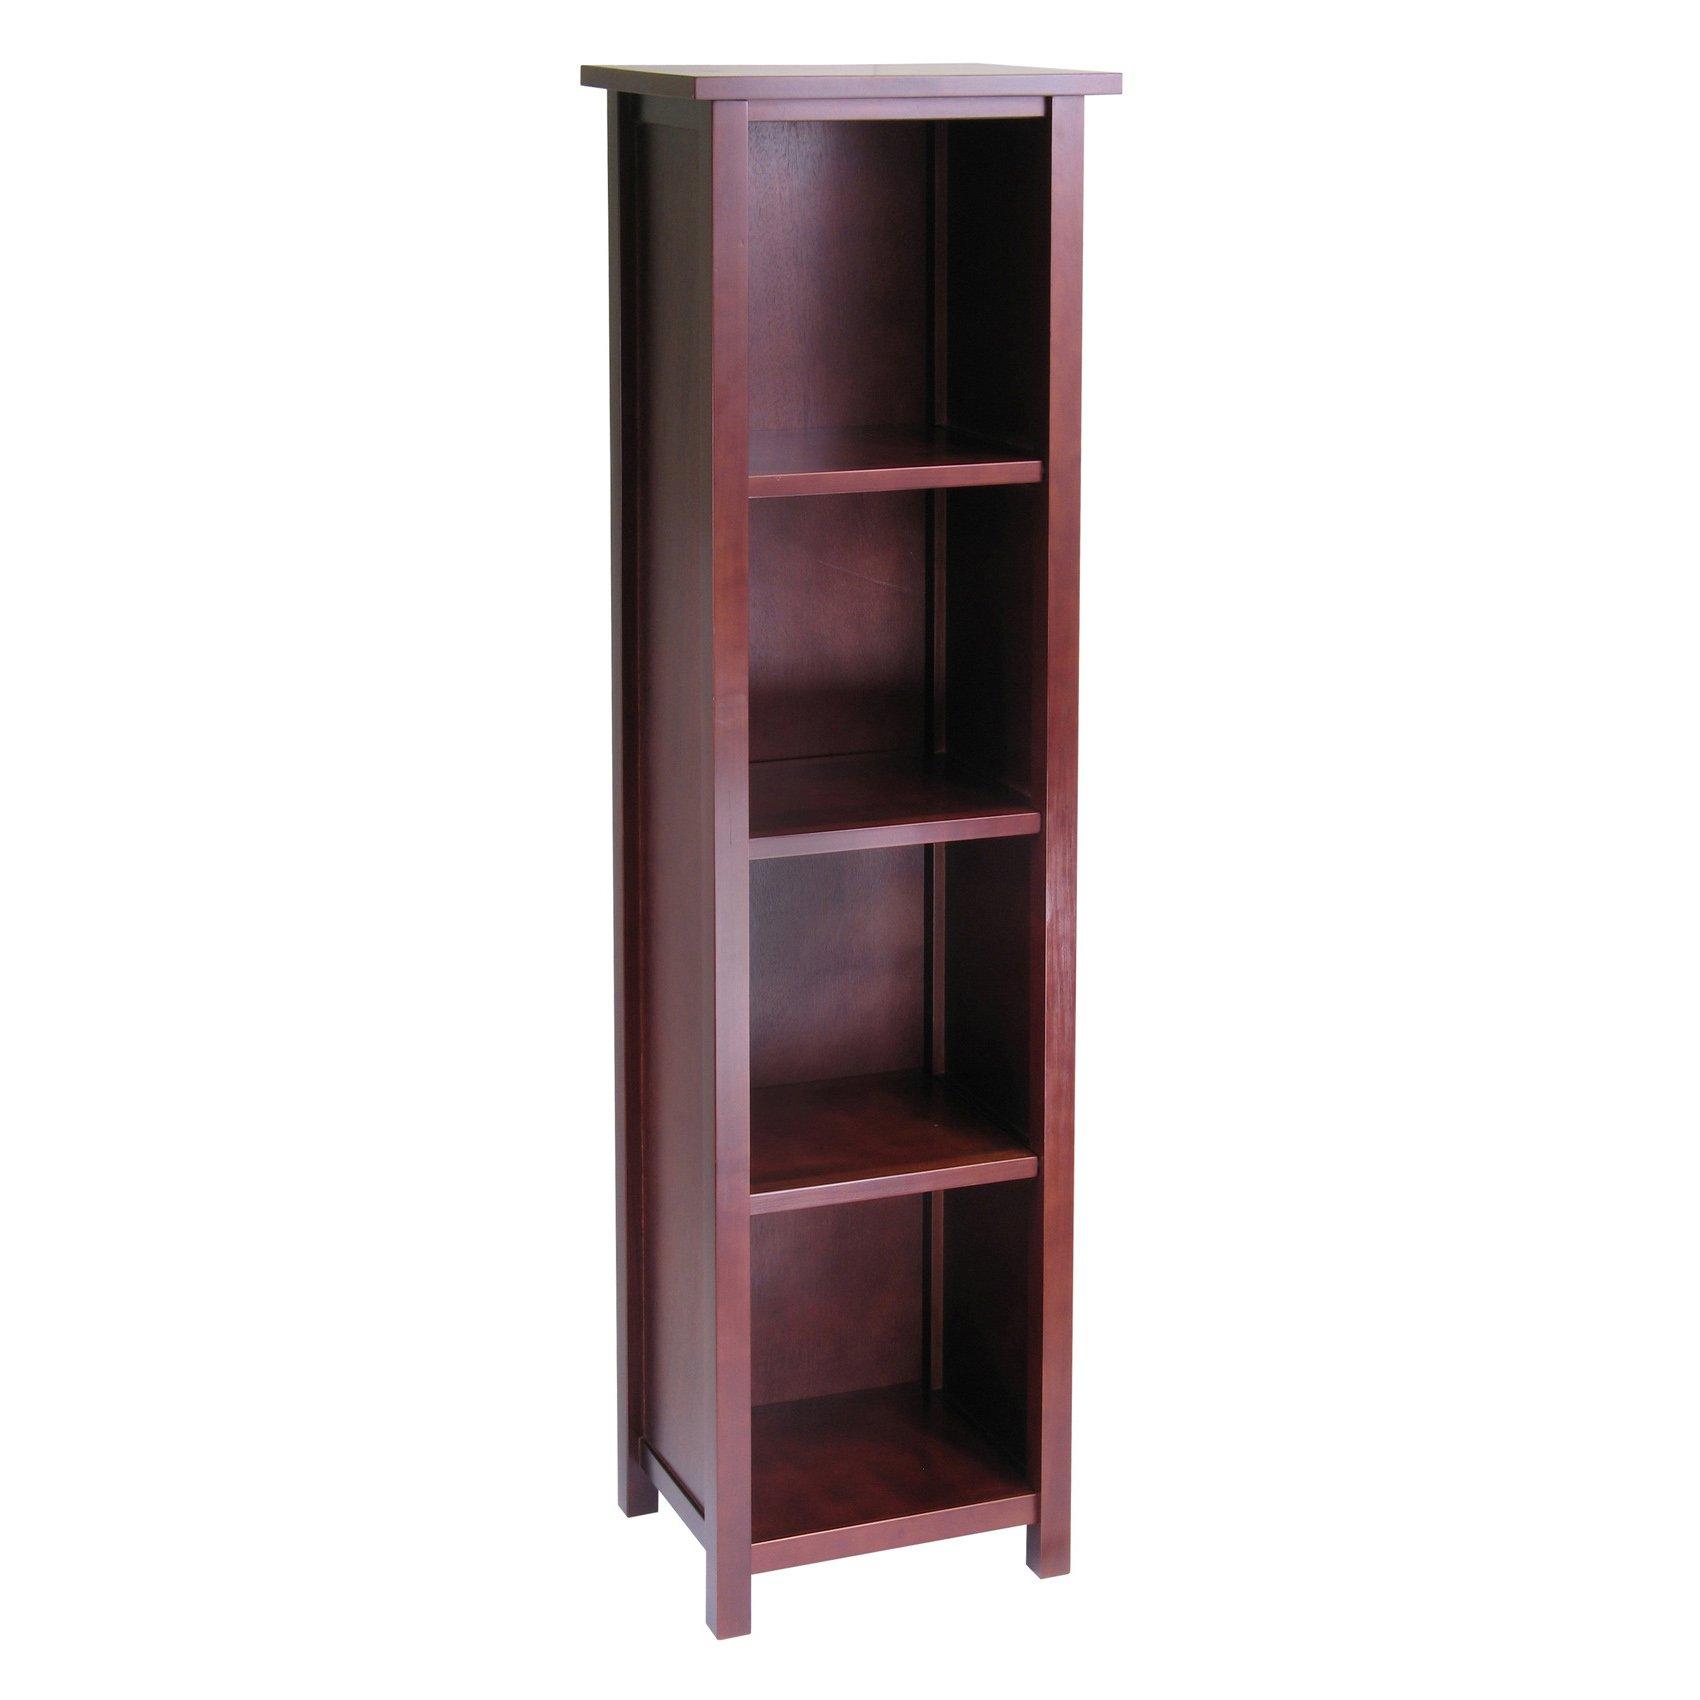 Winsome Wood 5-Tier Storage Shelf, Tall